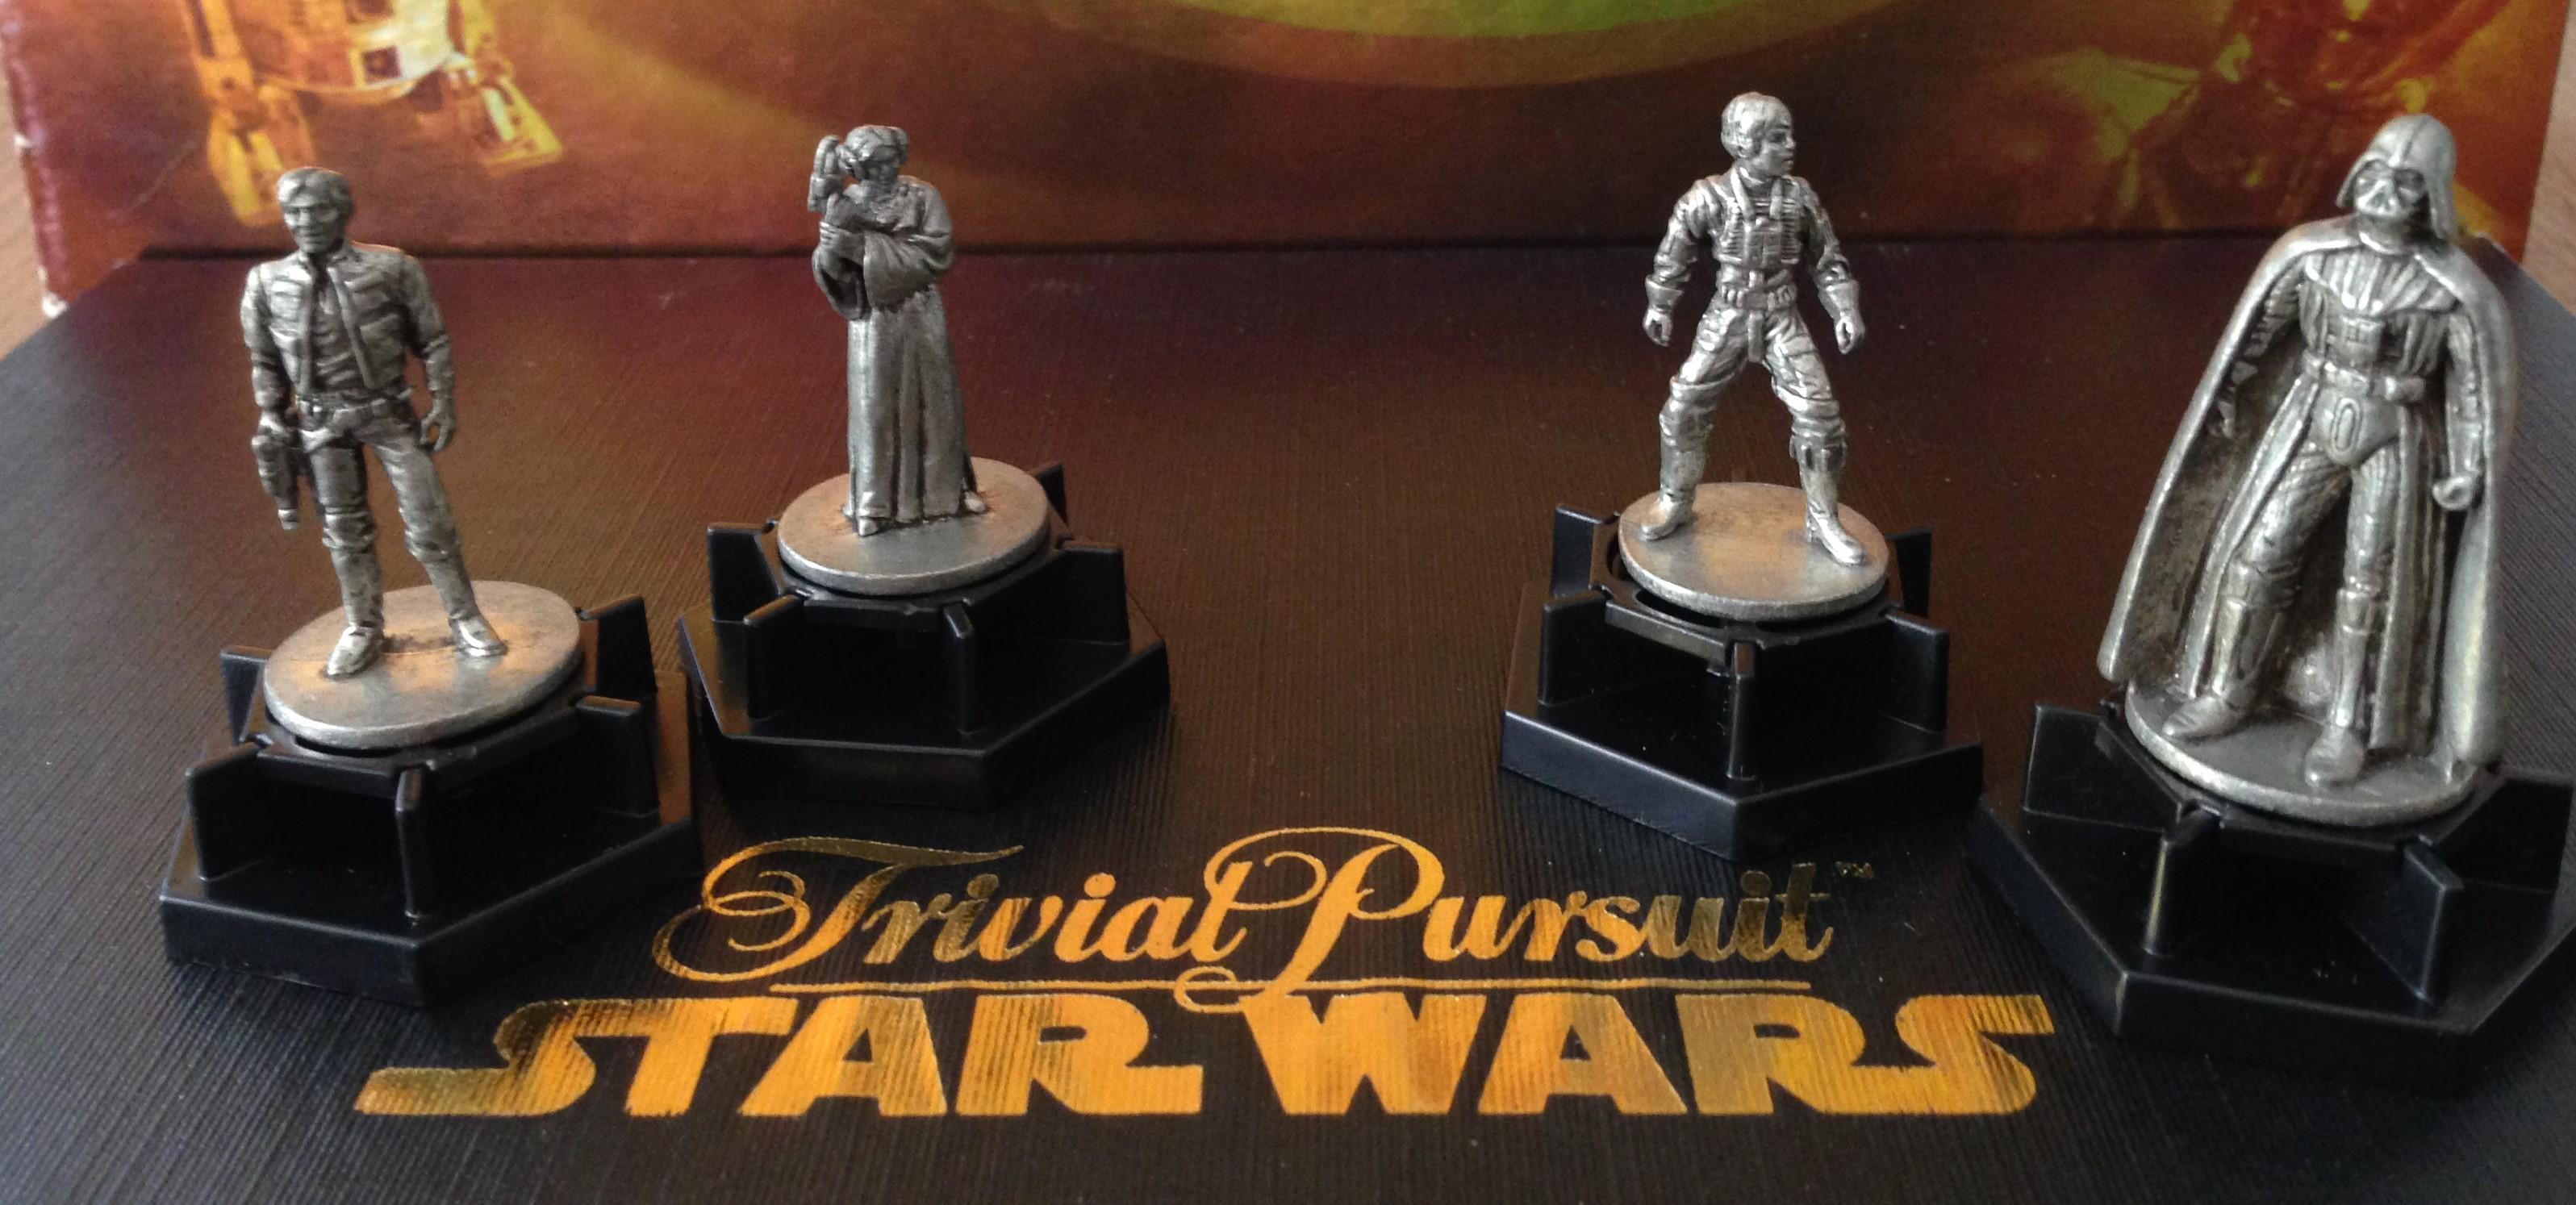 Jeu de plateau - Trivial Pursuit Star Wars